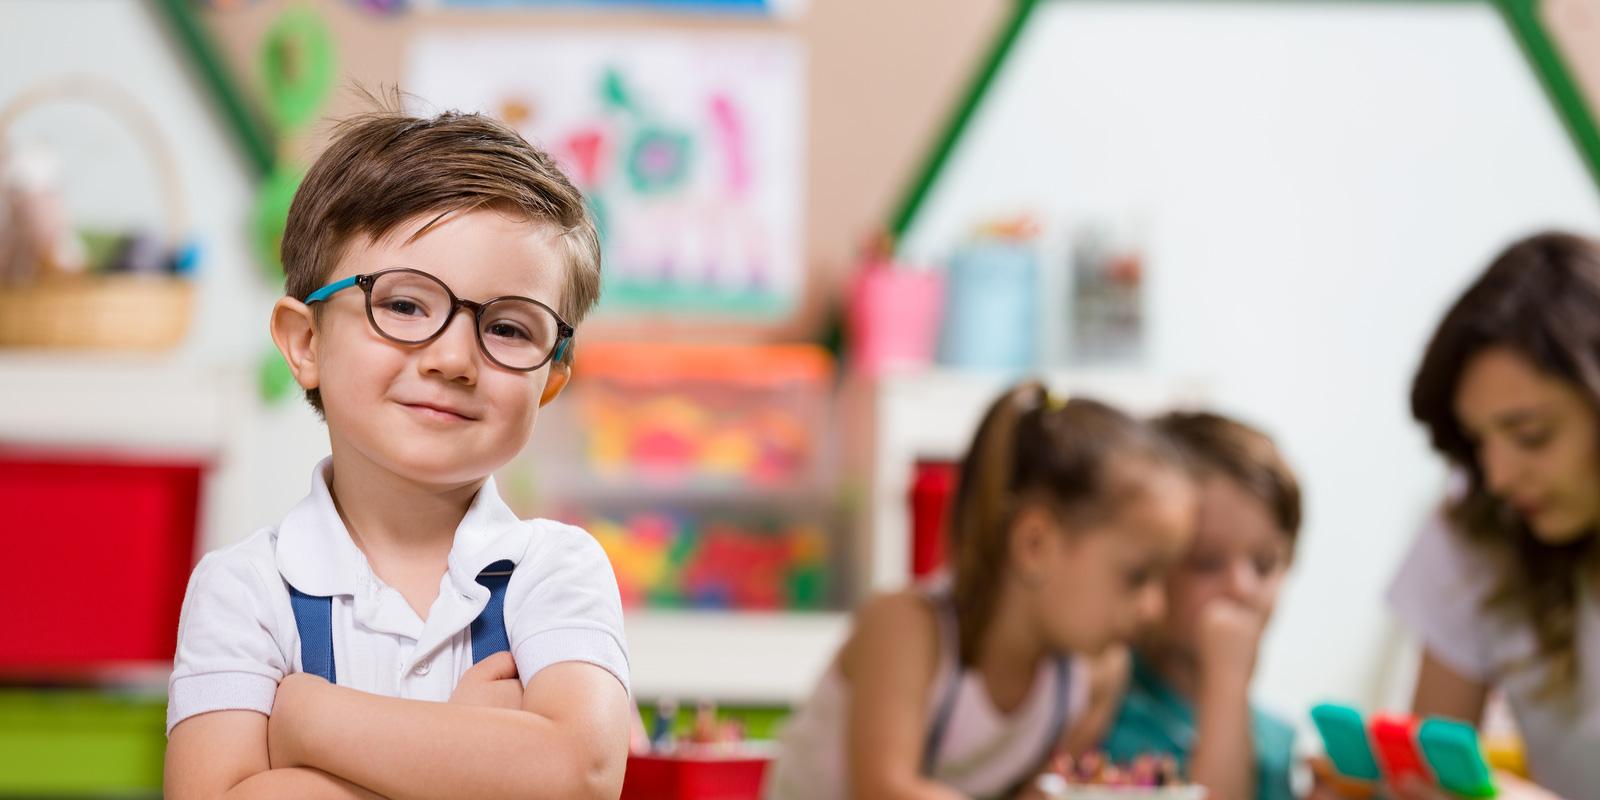 Little-Boy-in-Classroom